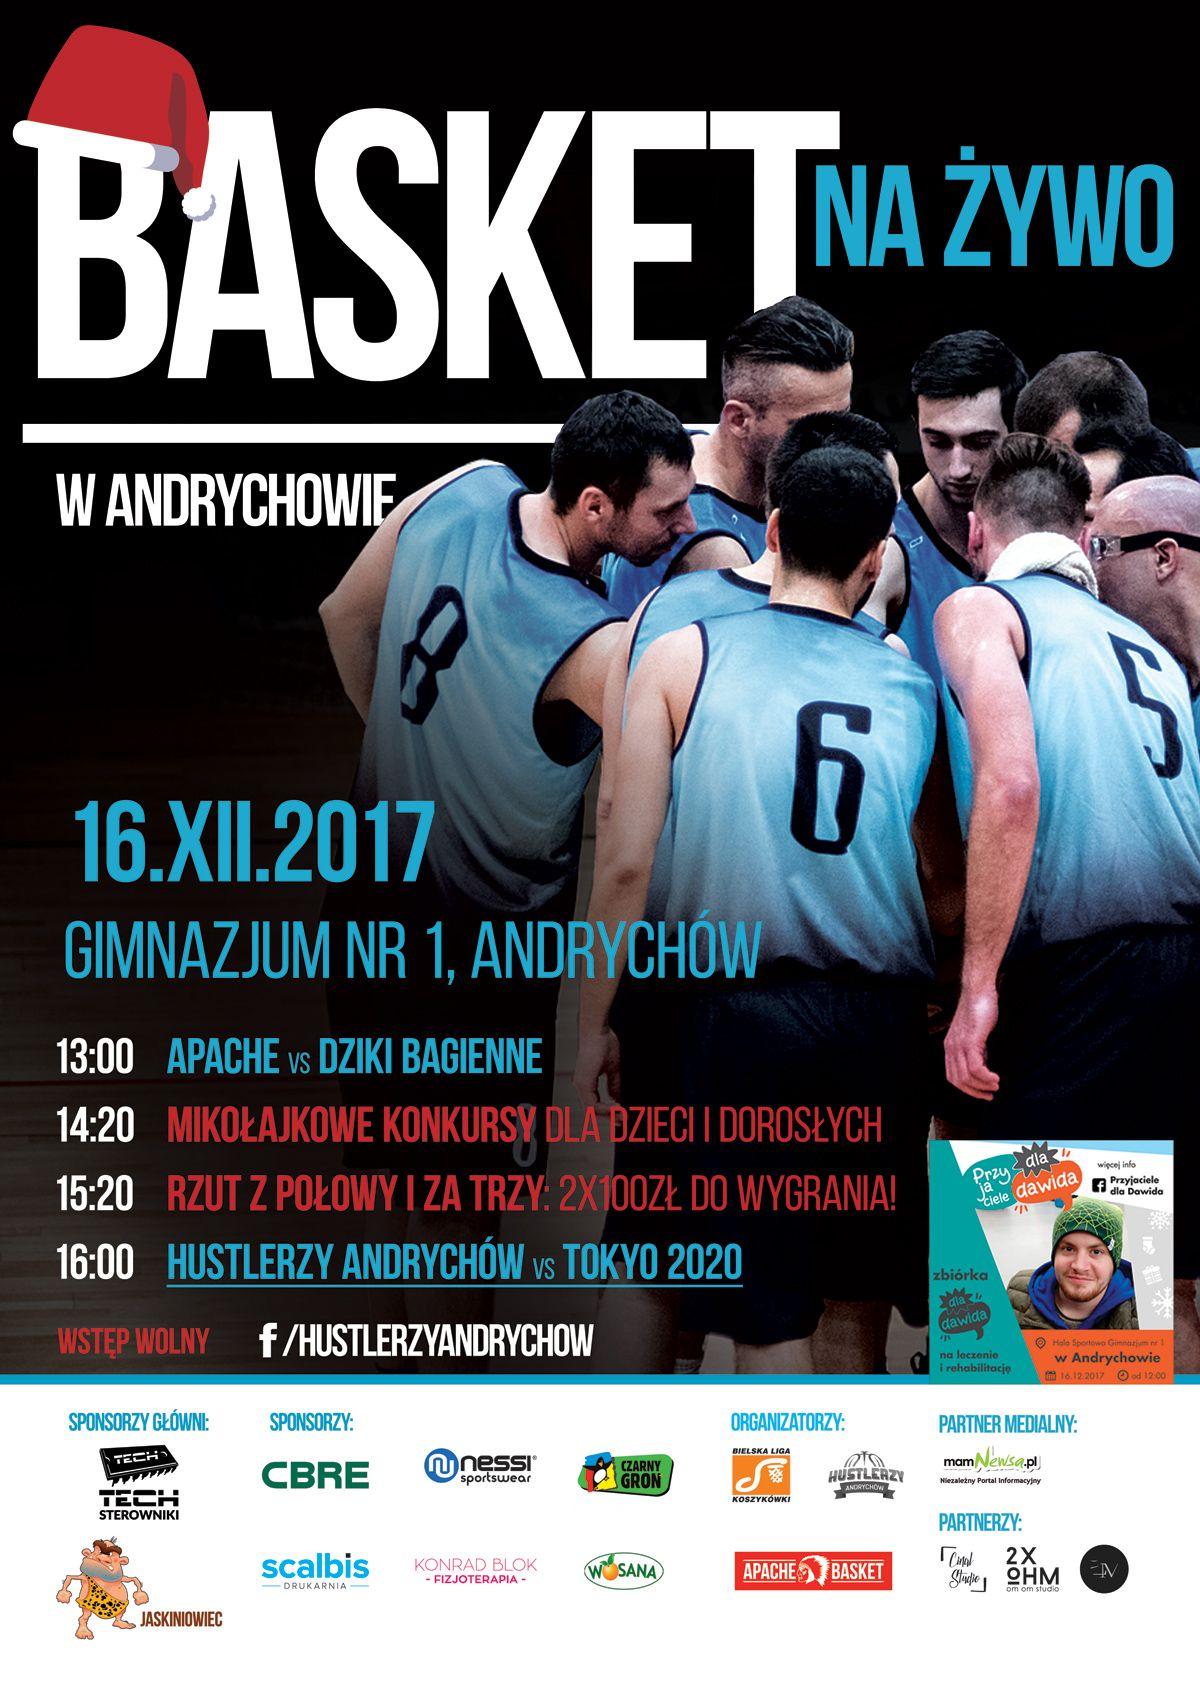 Basket Na Żywo w Andrychowie - Edycja Mikołajkowa [FOTO]